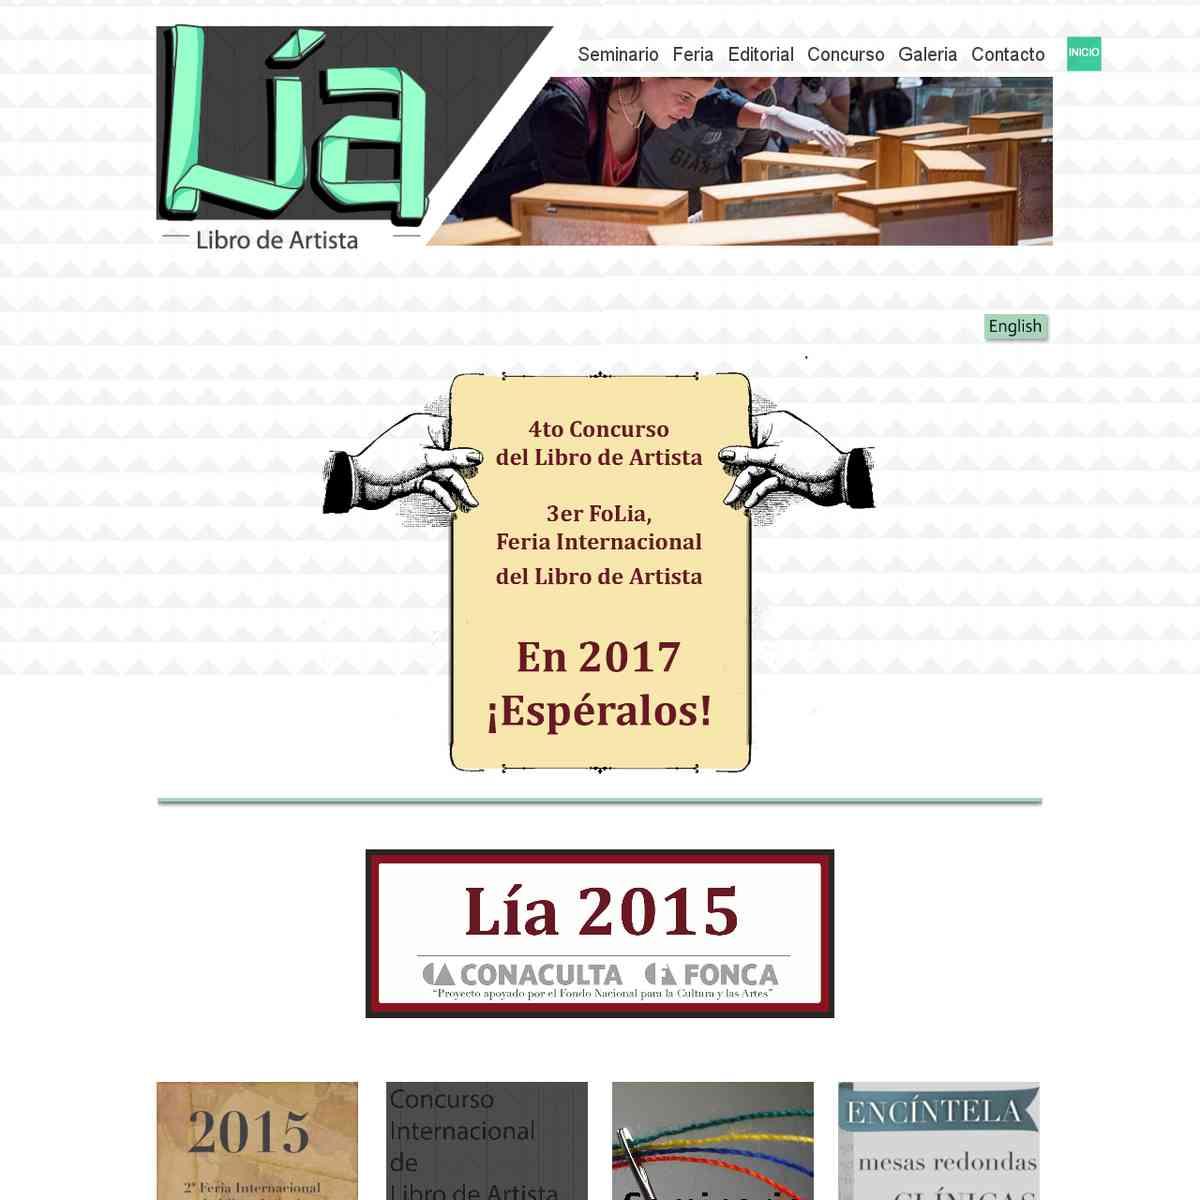 Del 19 al 23 de febrero de 2014. 1a. Feria Internacional de Libro de Artista